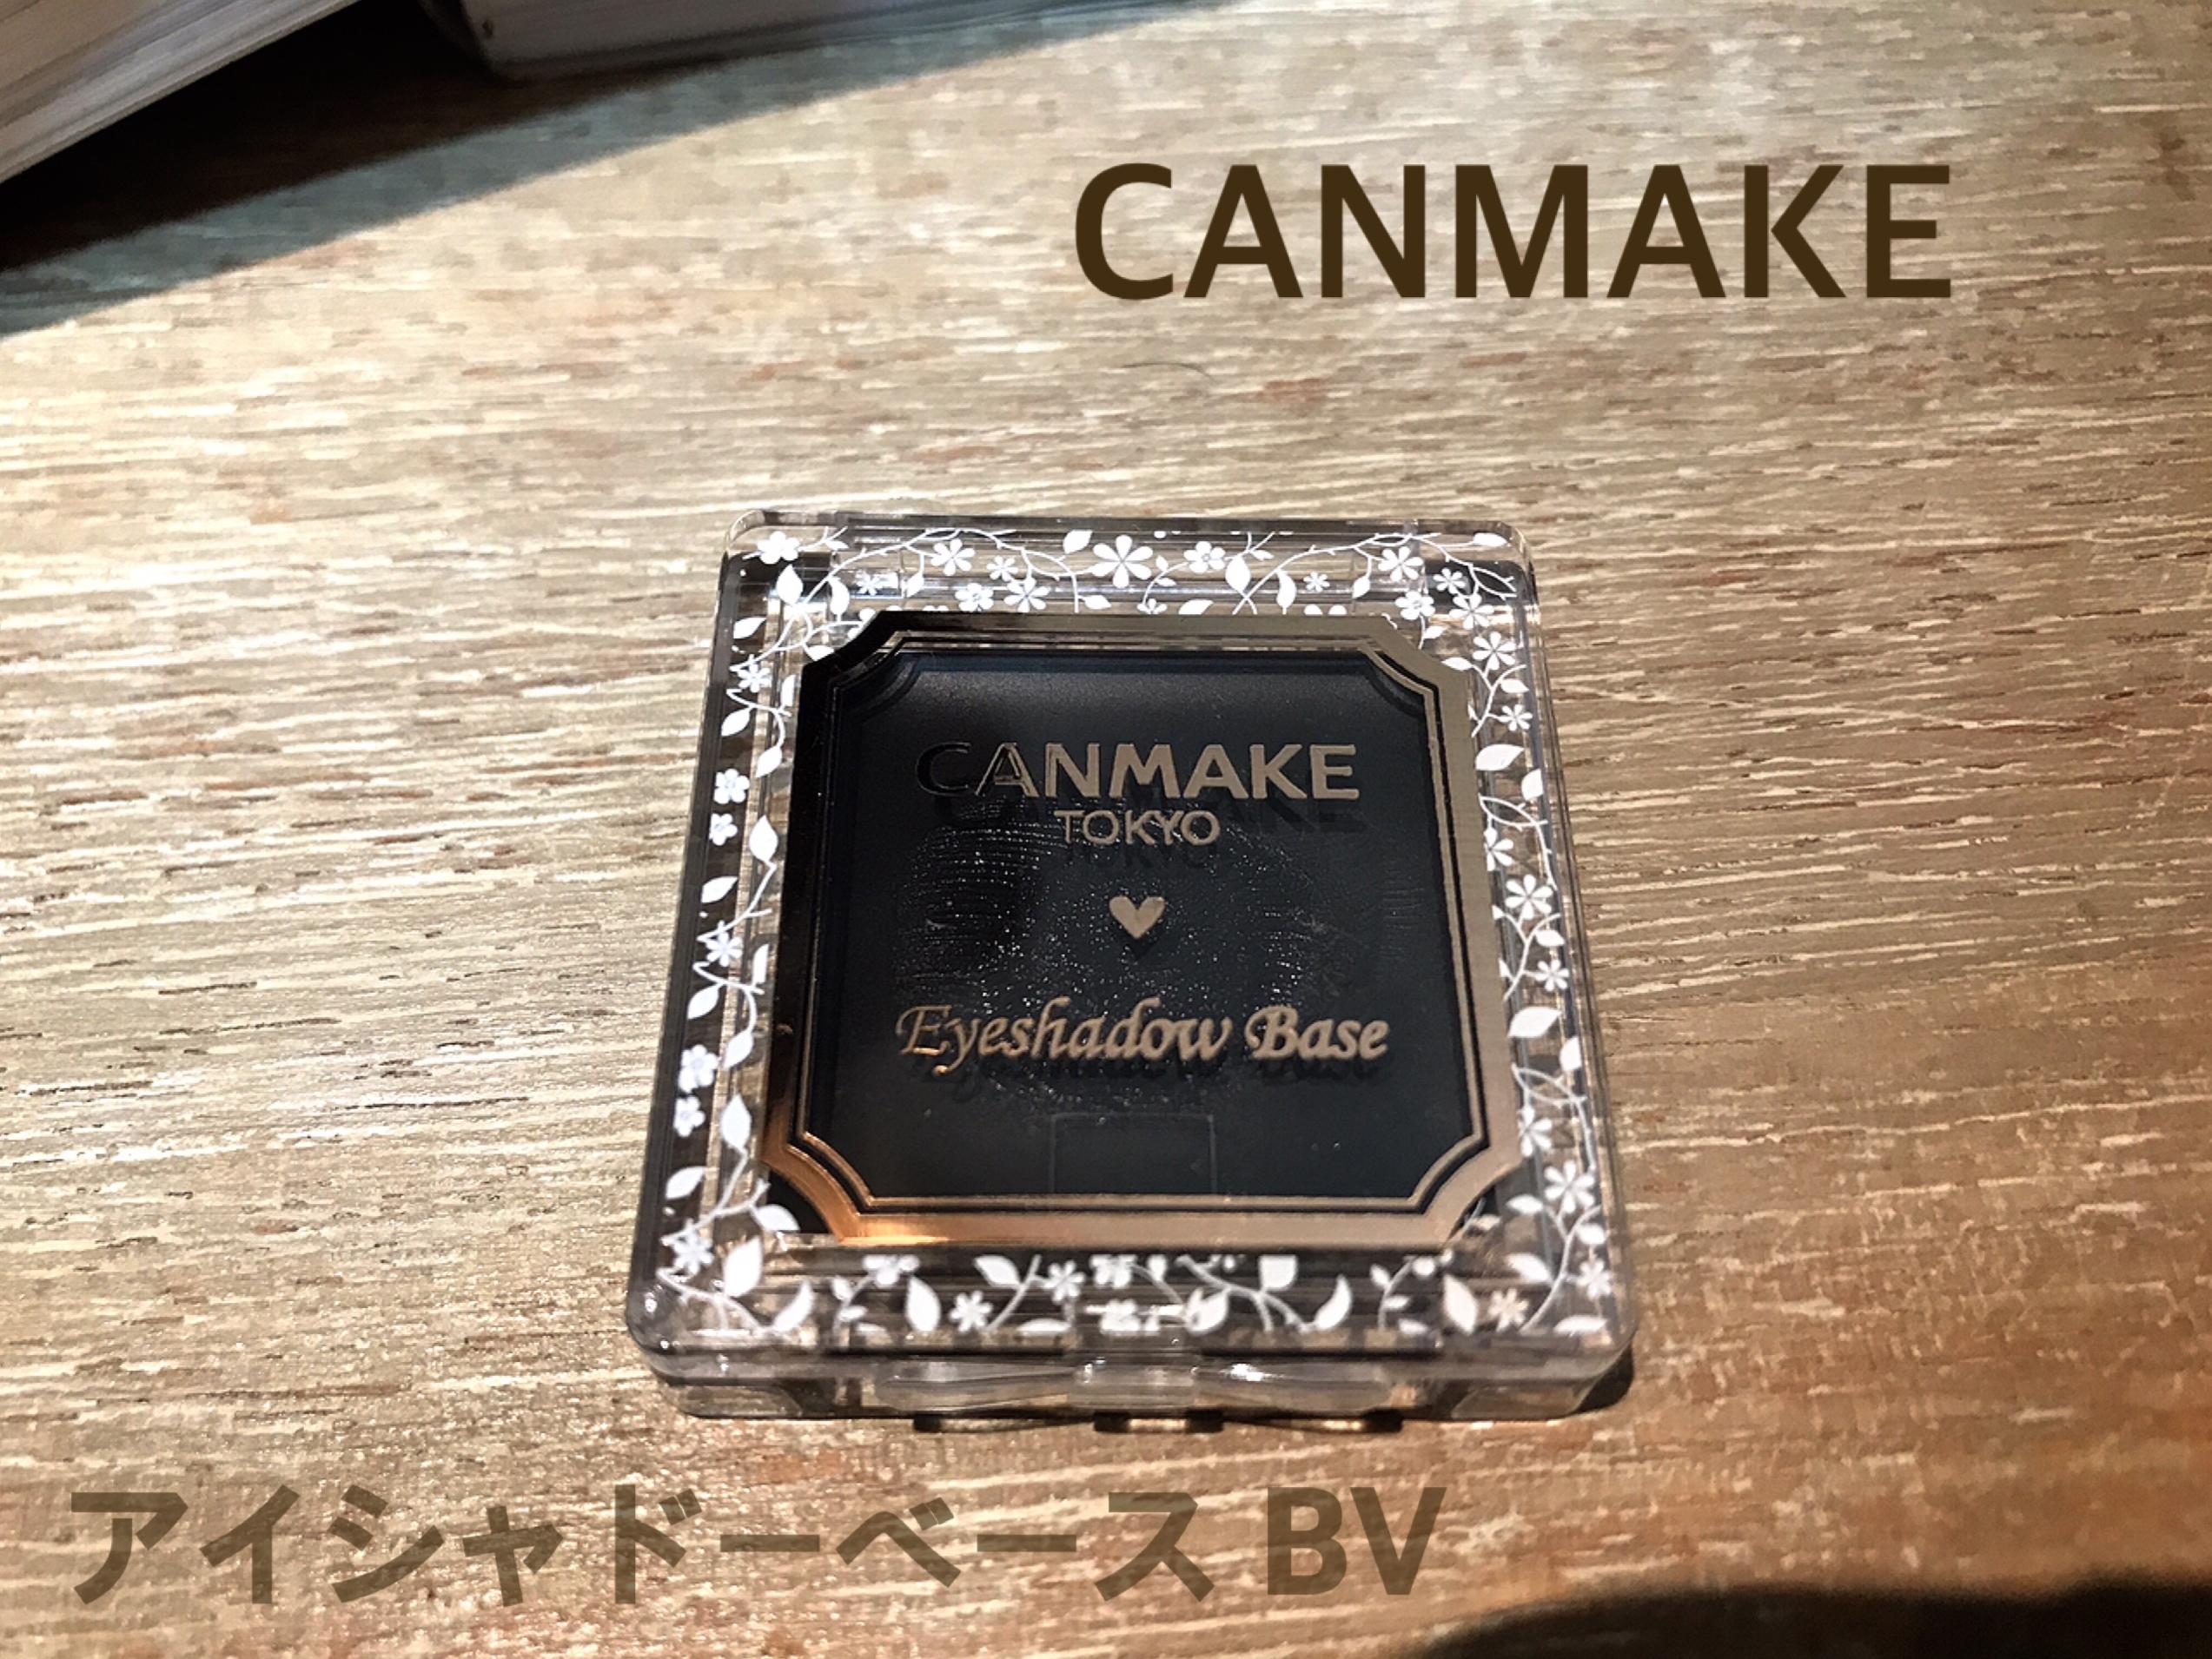 CANMAKEから出ている新しいアイシャドウベースを検証してみた・・・